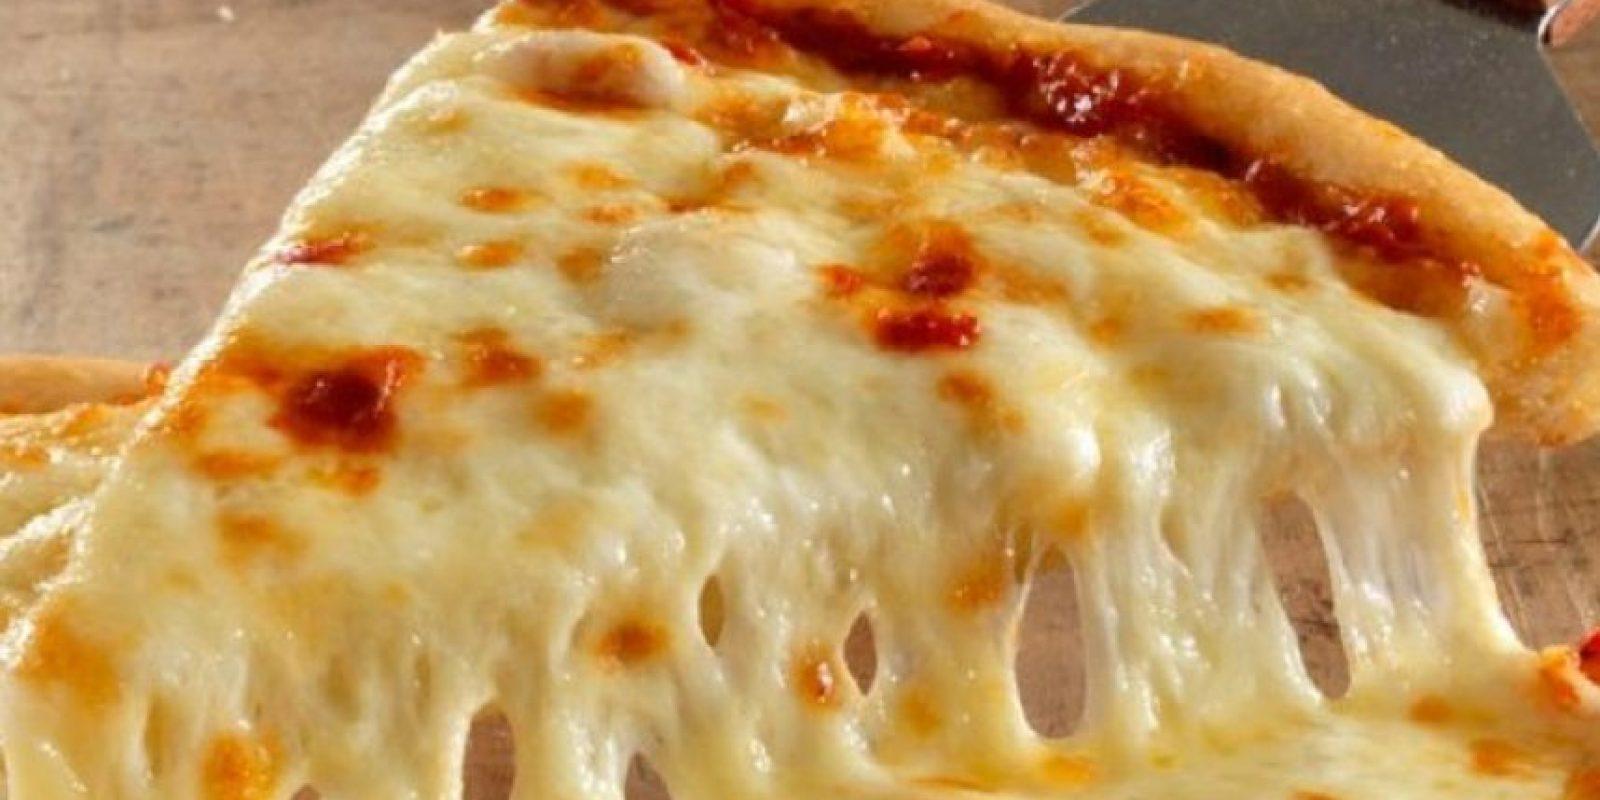 Las personas que simplemente toman un trozo de pizza y la llevan cuidadosamente a su boca, suelen ser perfeccionistas que piensan desorden equivale a la tensión. Foto:Wikimedia